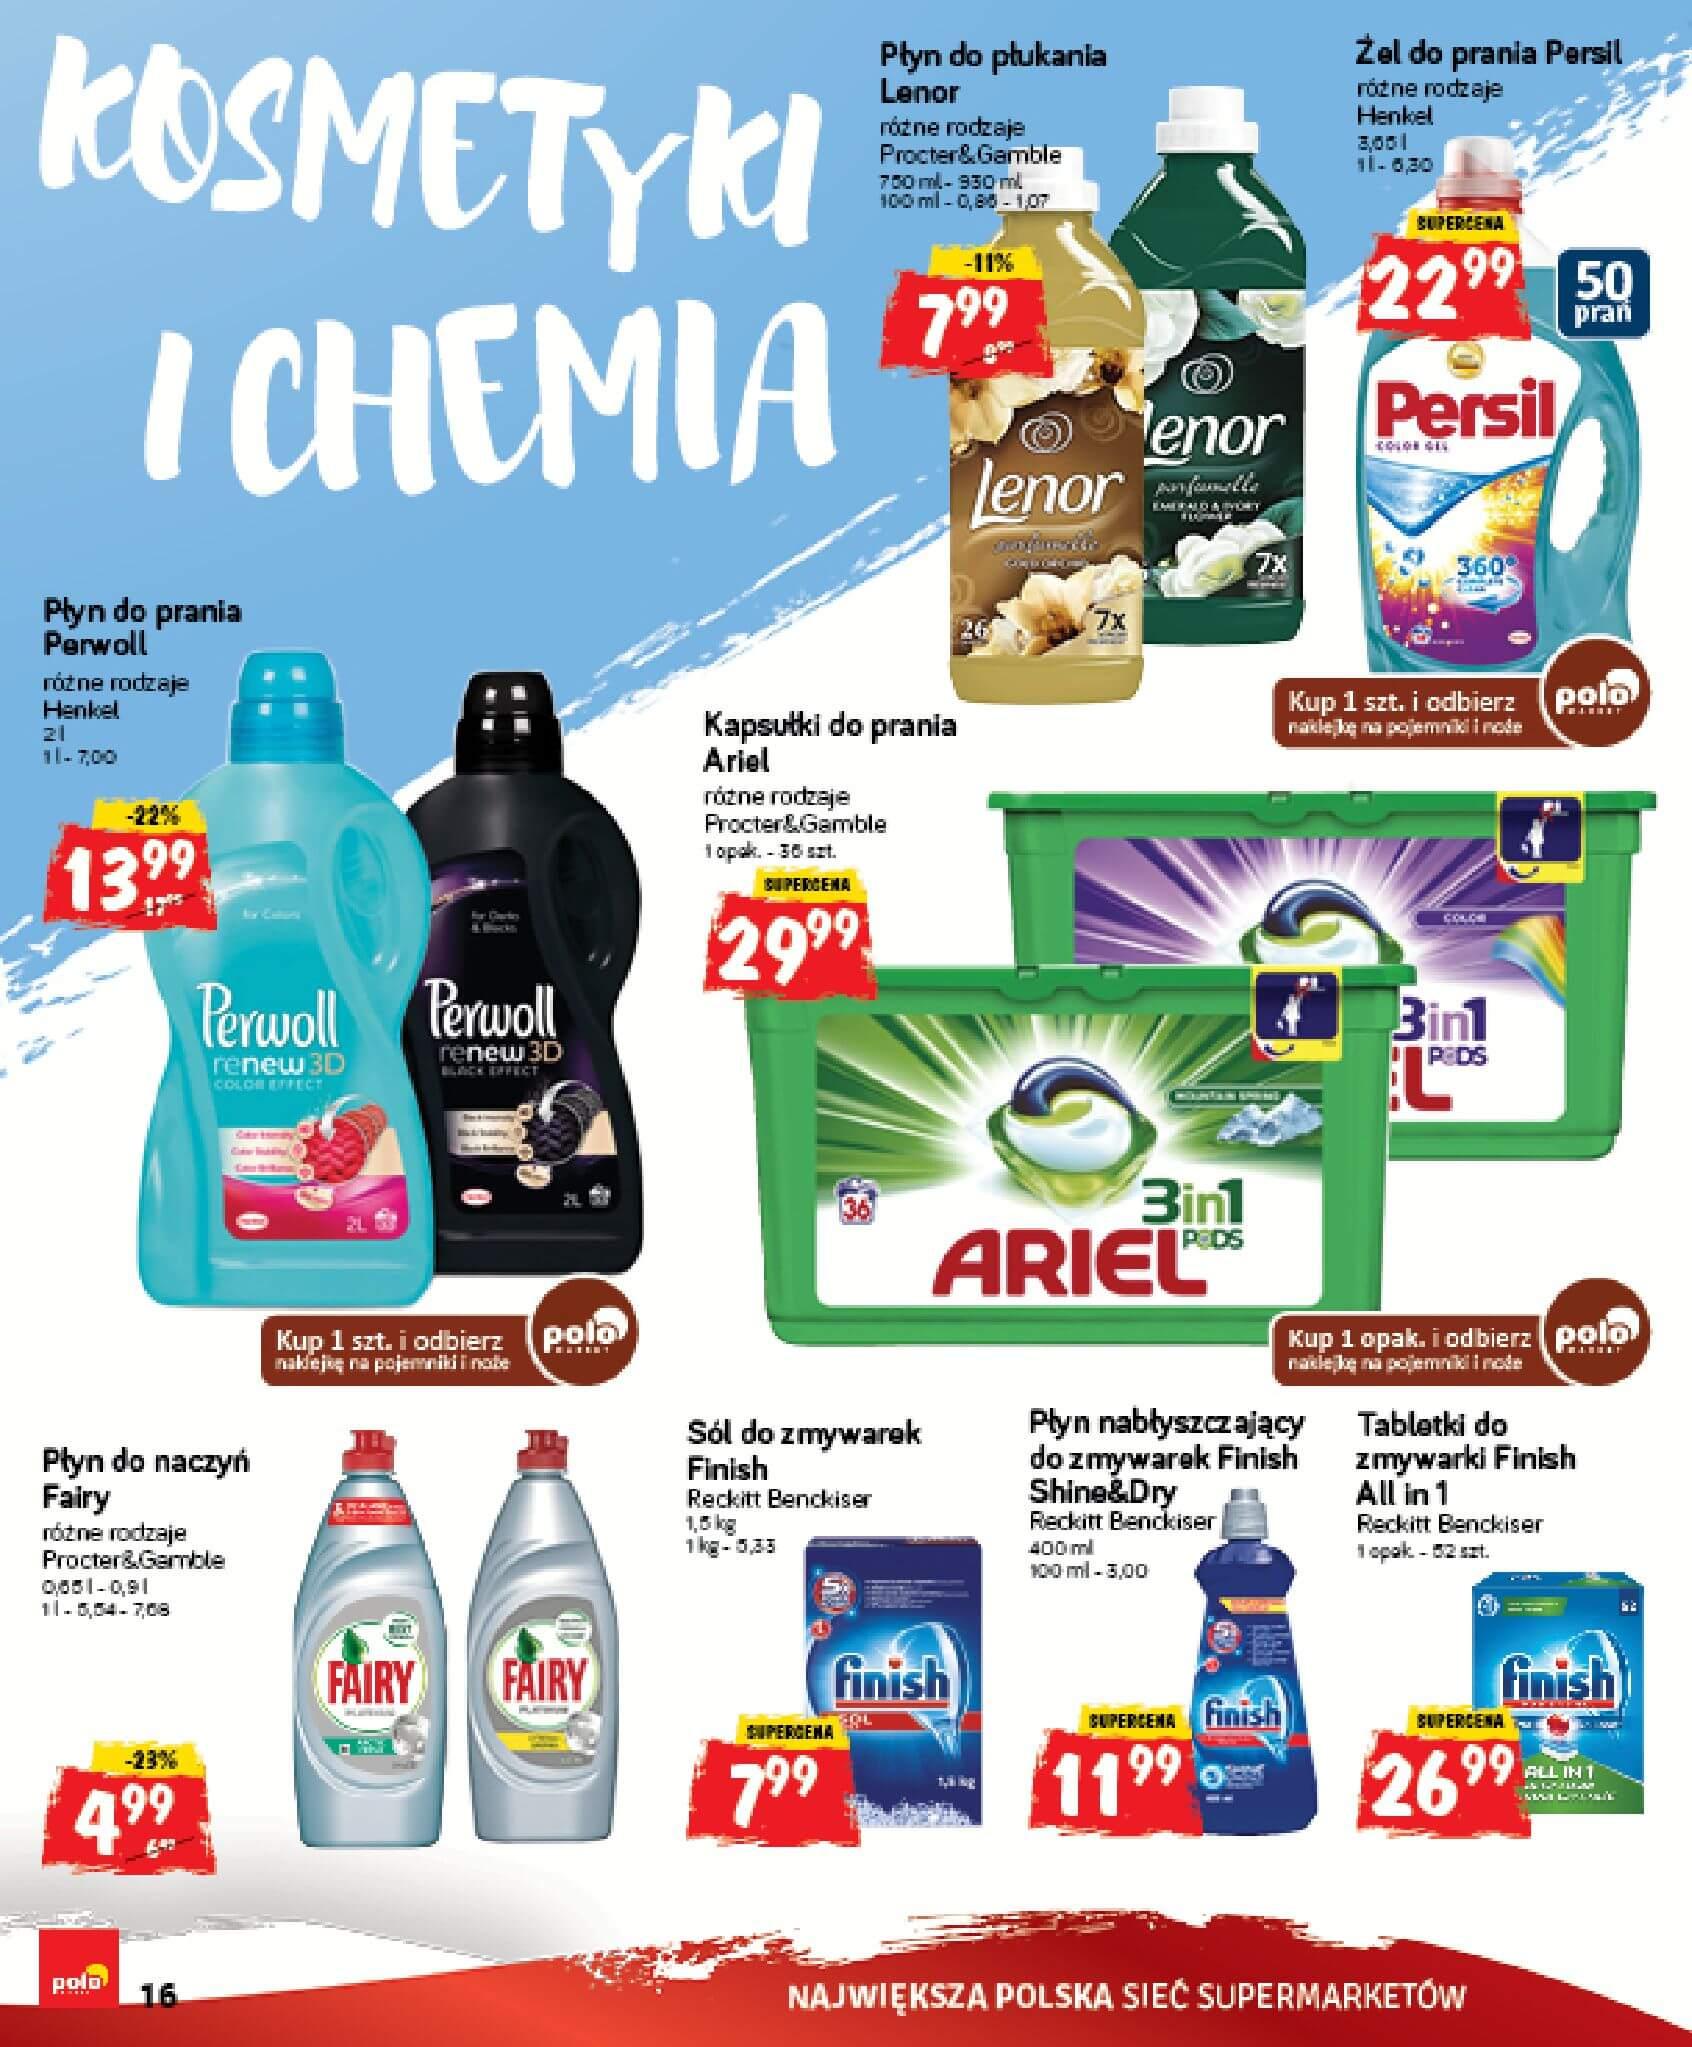 Gazetka Polomarket - Oferta na art. spożywcze, kosmetyki, chemię-14.02.2018-18.02.2018-page-16